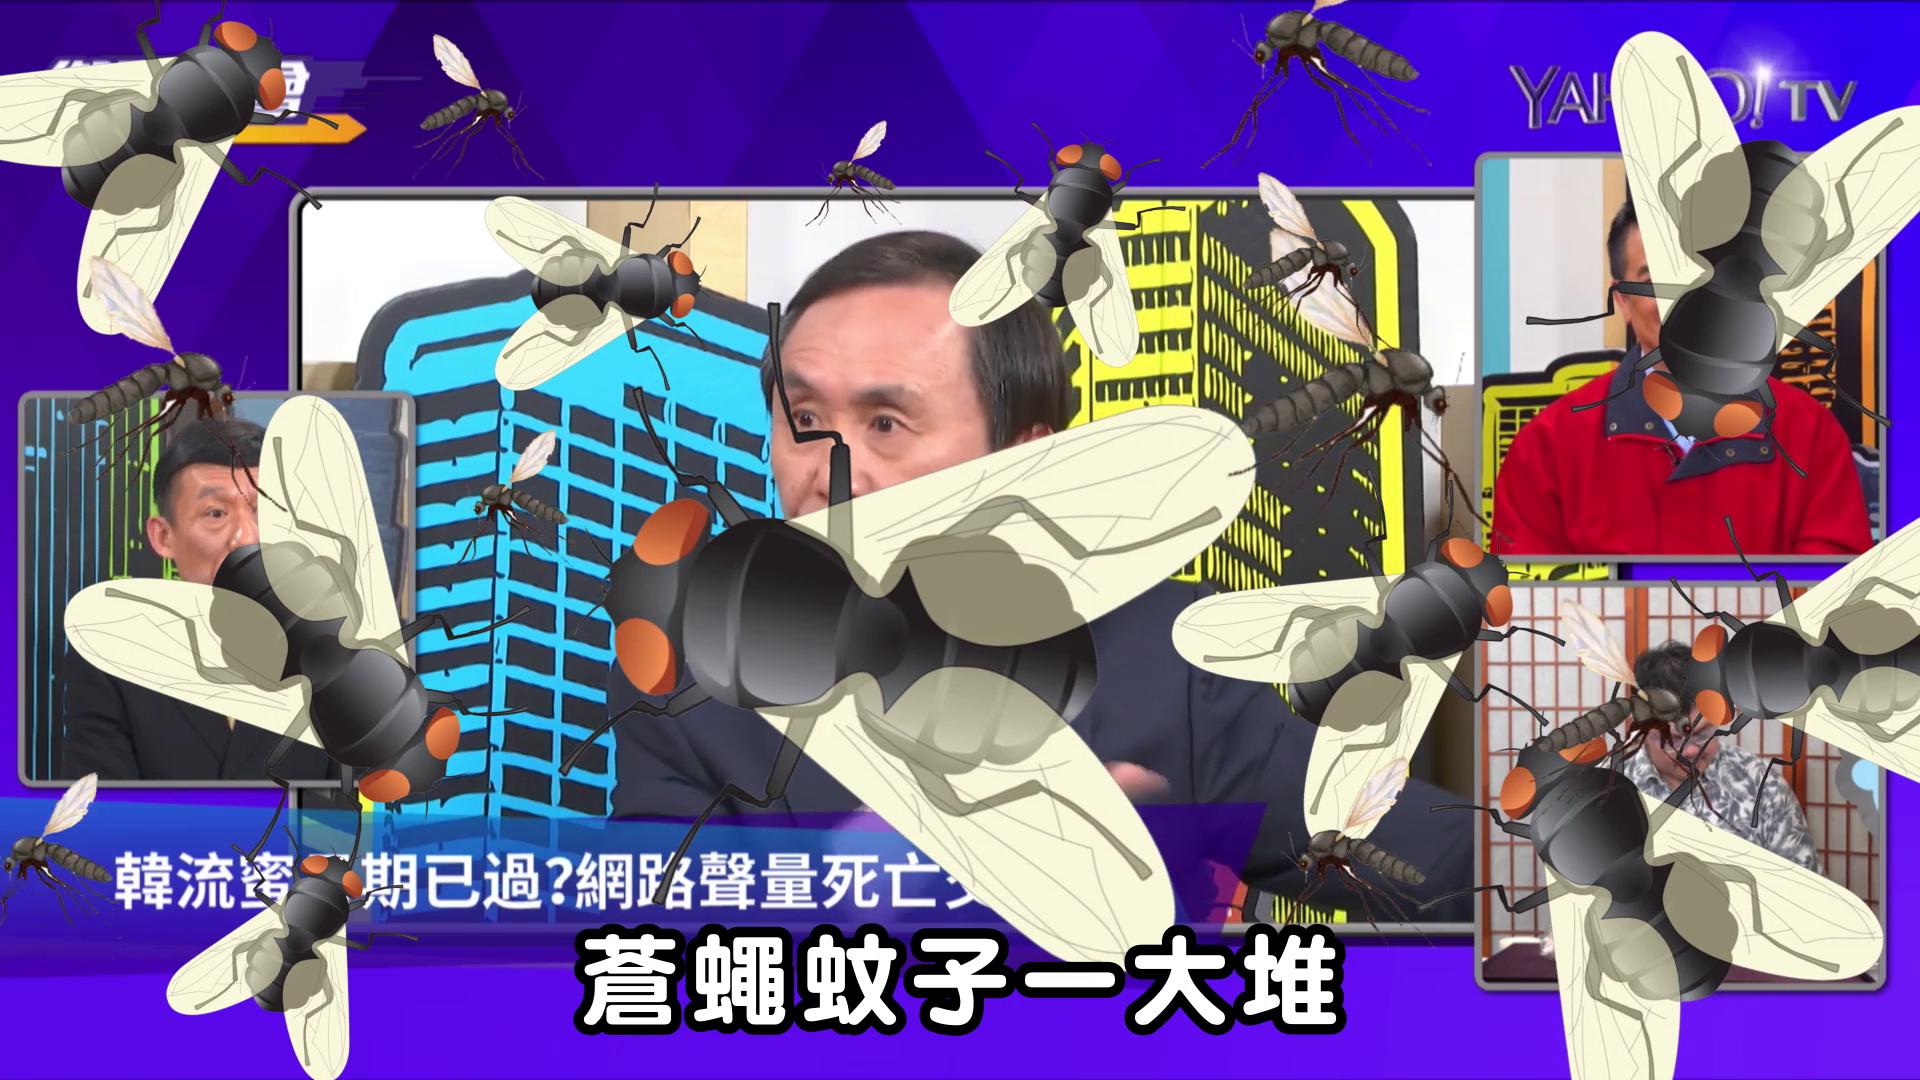 吳子嘉:他讓韓國瑜整天對付蒼蠅